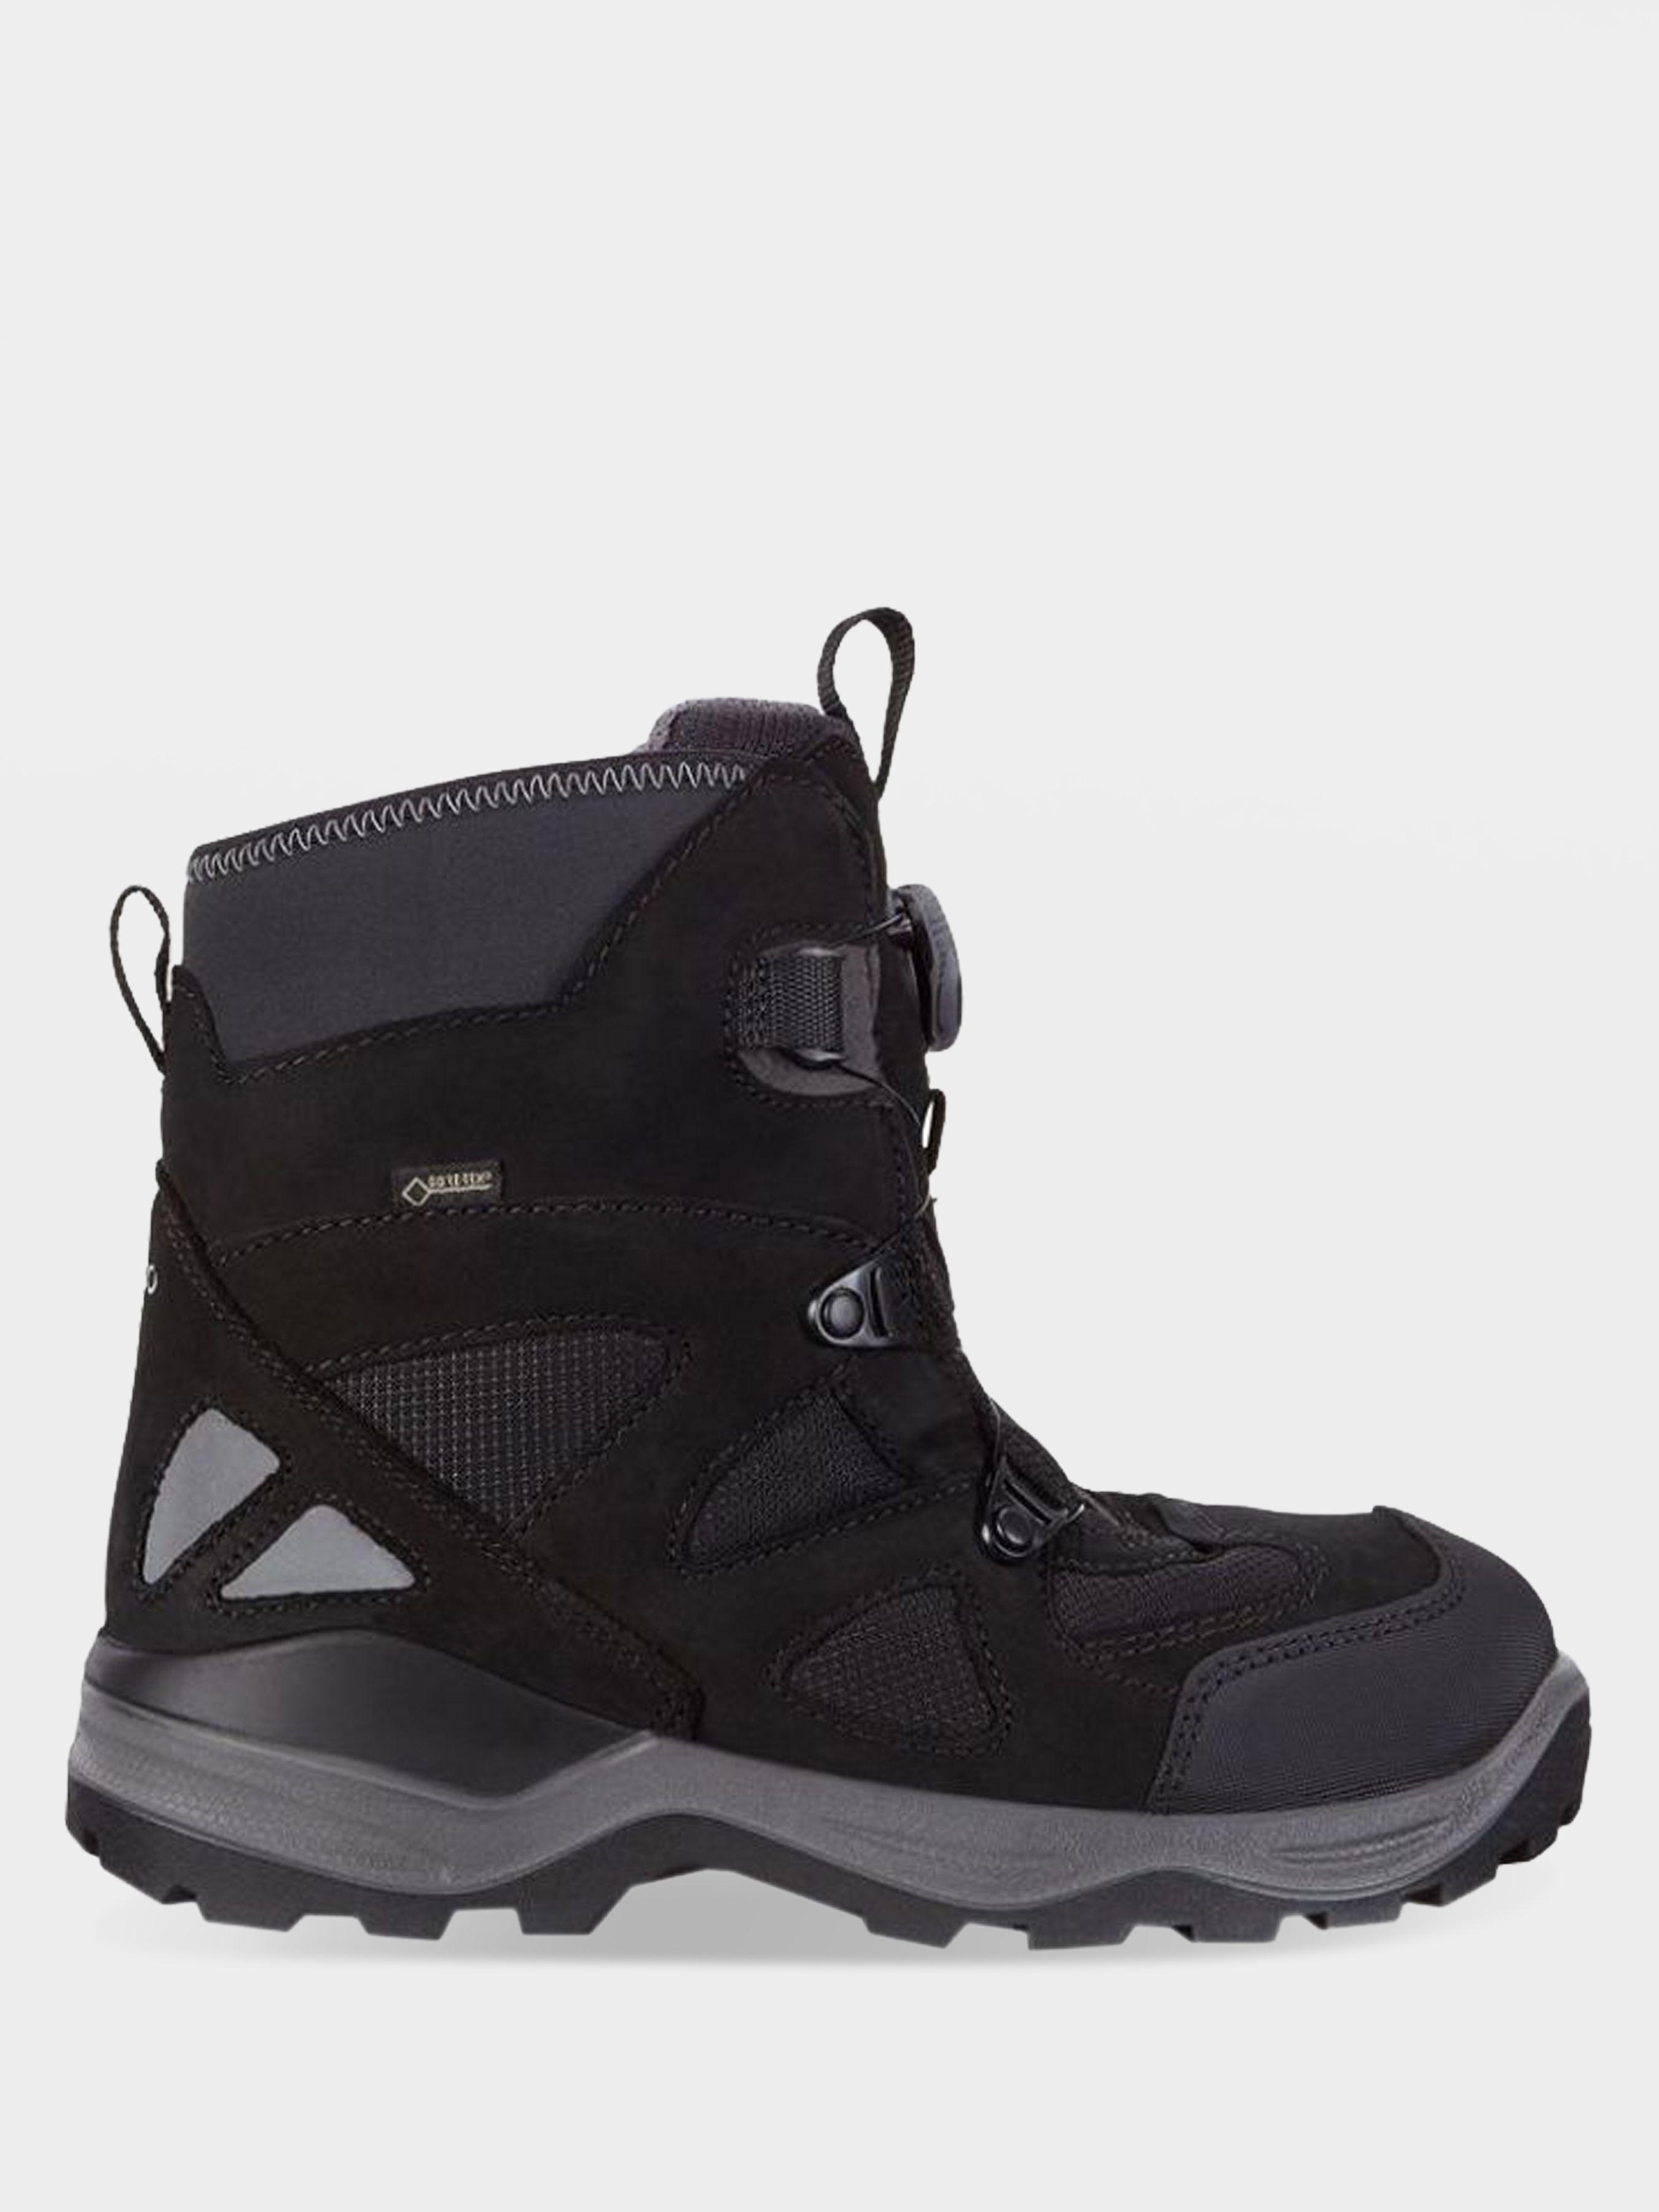 Купить Сапоги для детей ECCO SNOW MOUNTAIN ZK3290, Черный